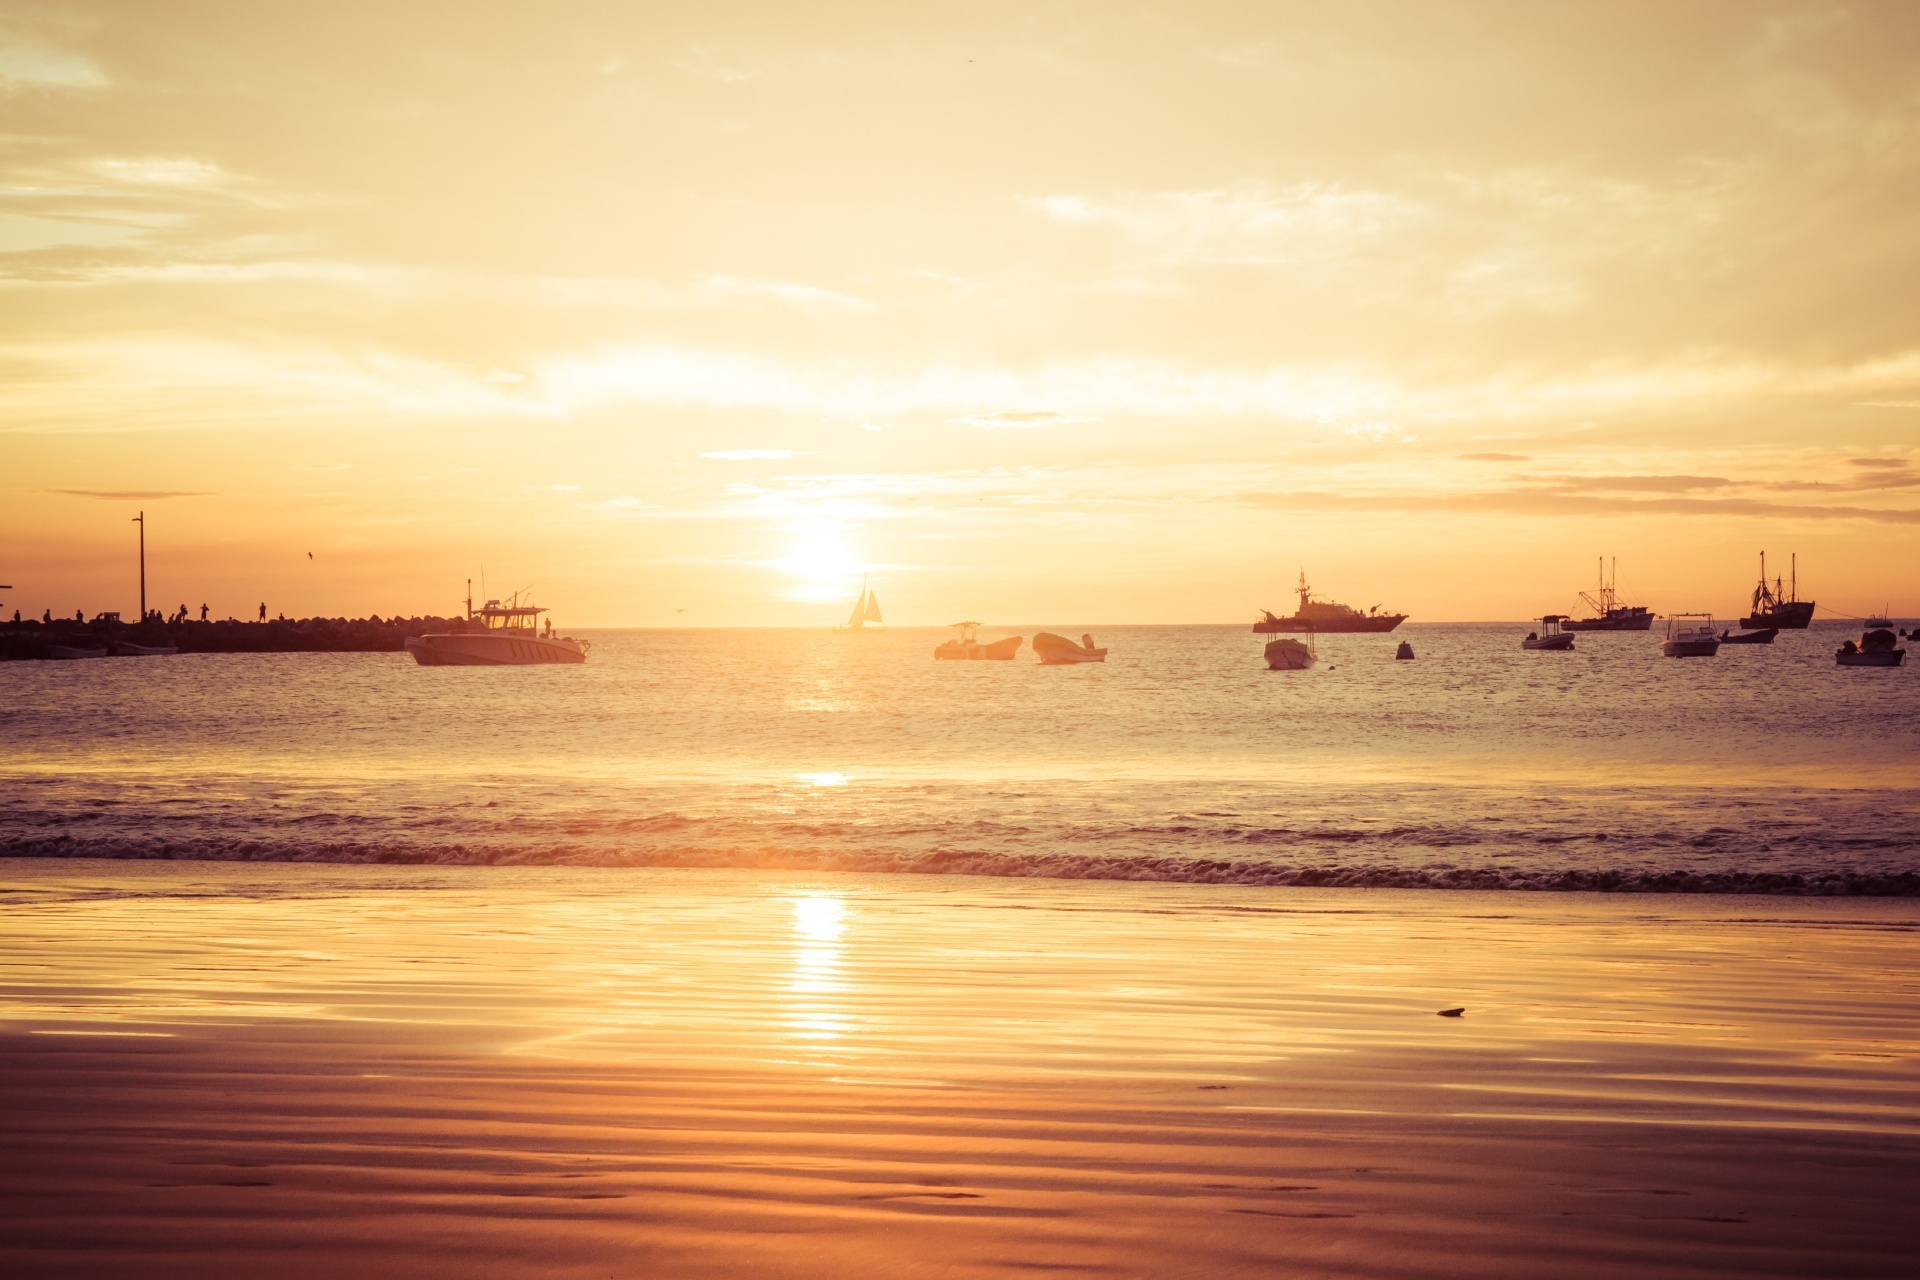 夕暮れのサン・フアン・デル・スルのビーチ ニカラグアの風景